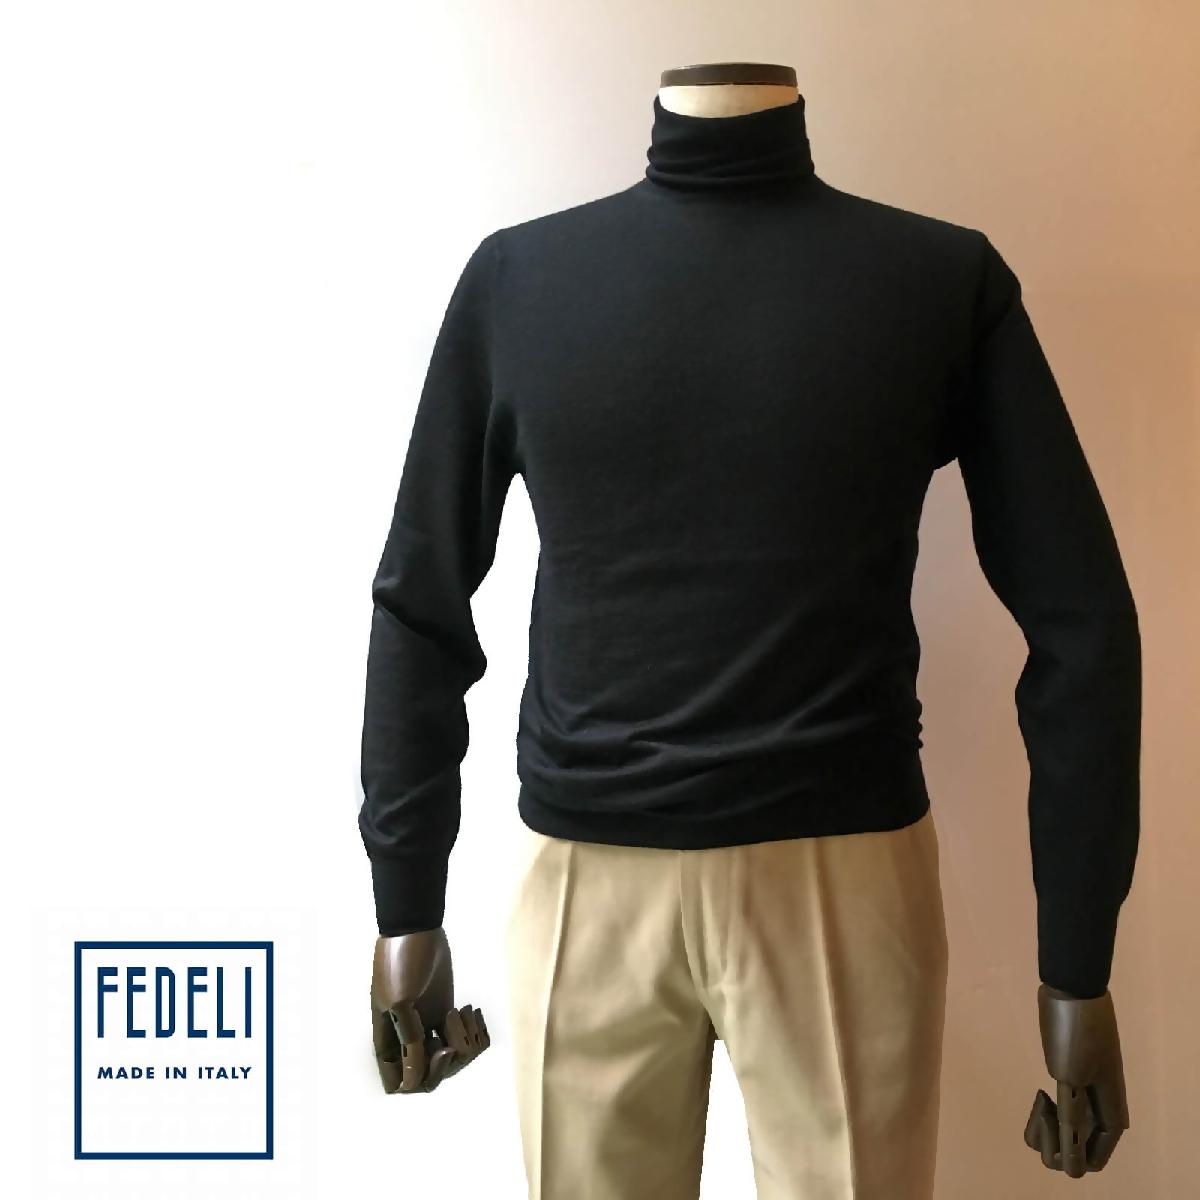 FEDELI (フェデーリ) タートルネックハイゲージカシミヤニットセーター メンズ ブランド カジュアル 大きいサイズ 長袖 ブラクック 無地